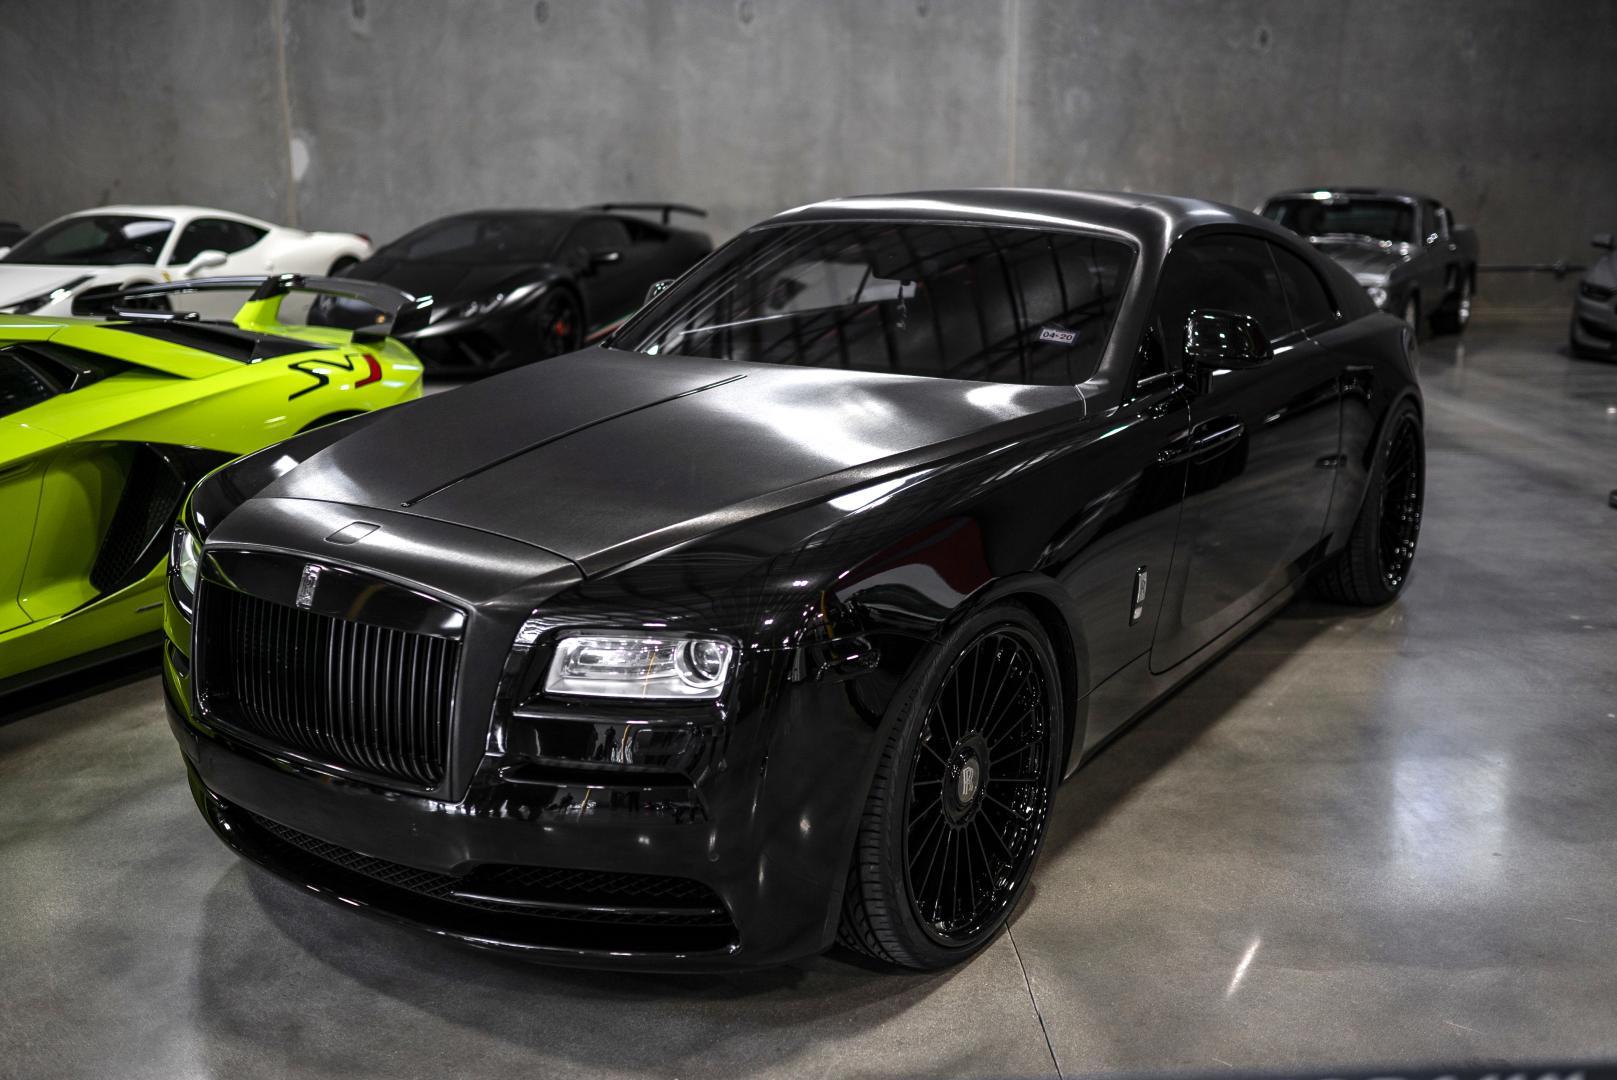 Autobahn Alliance auto-opslag Rolls-Royce Wraith